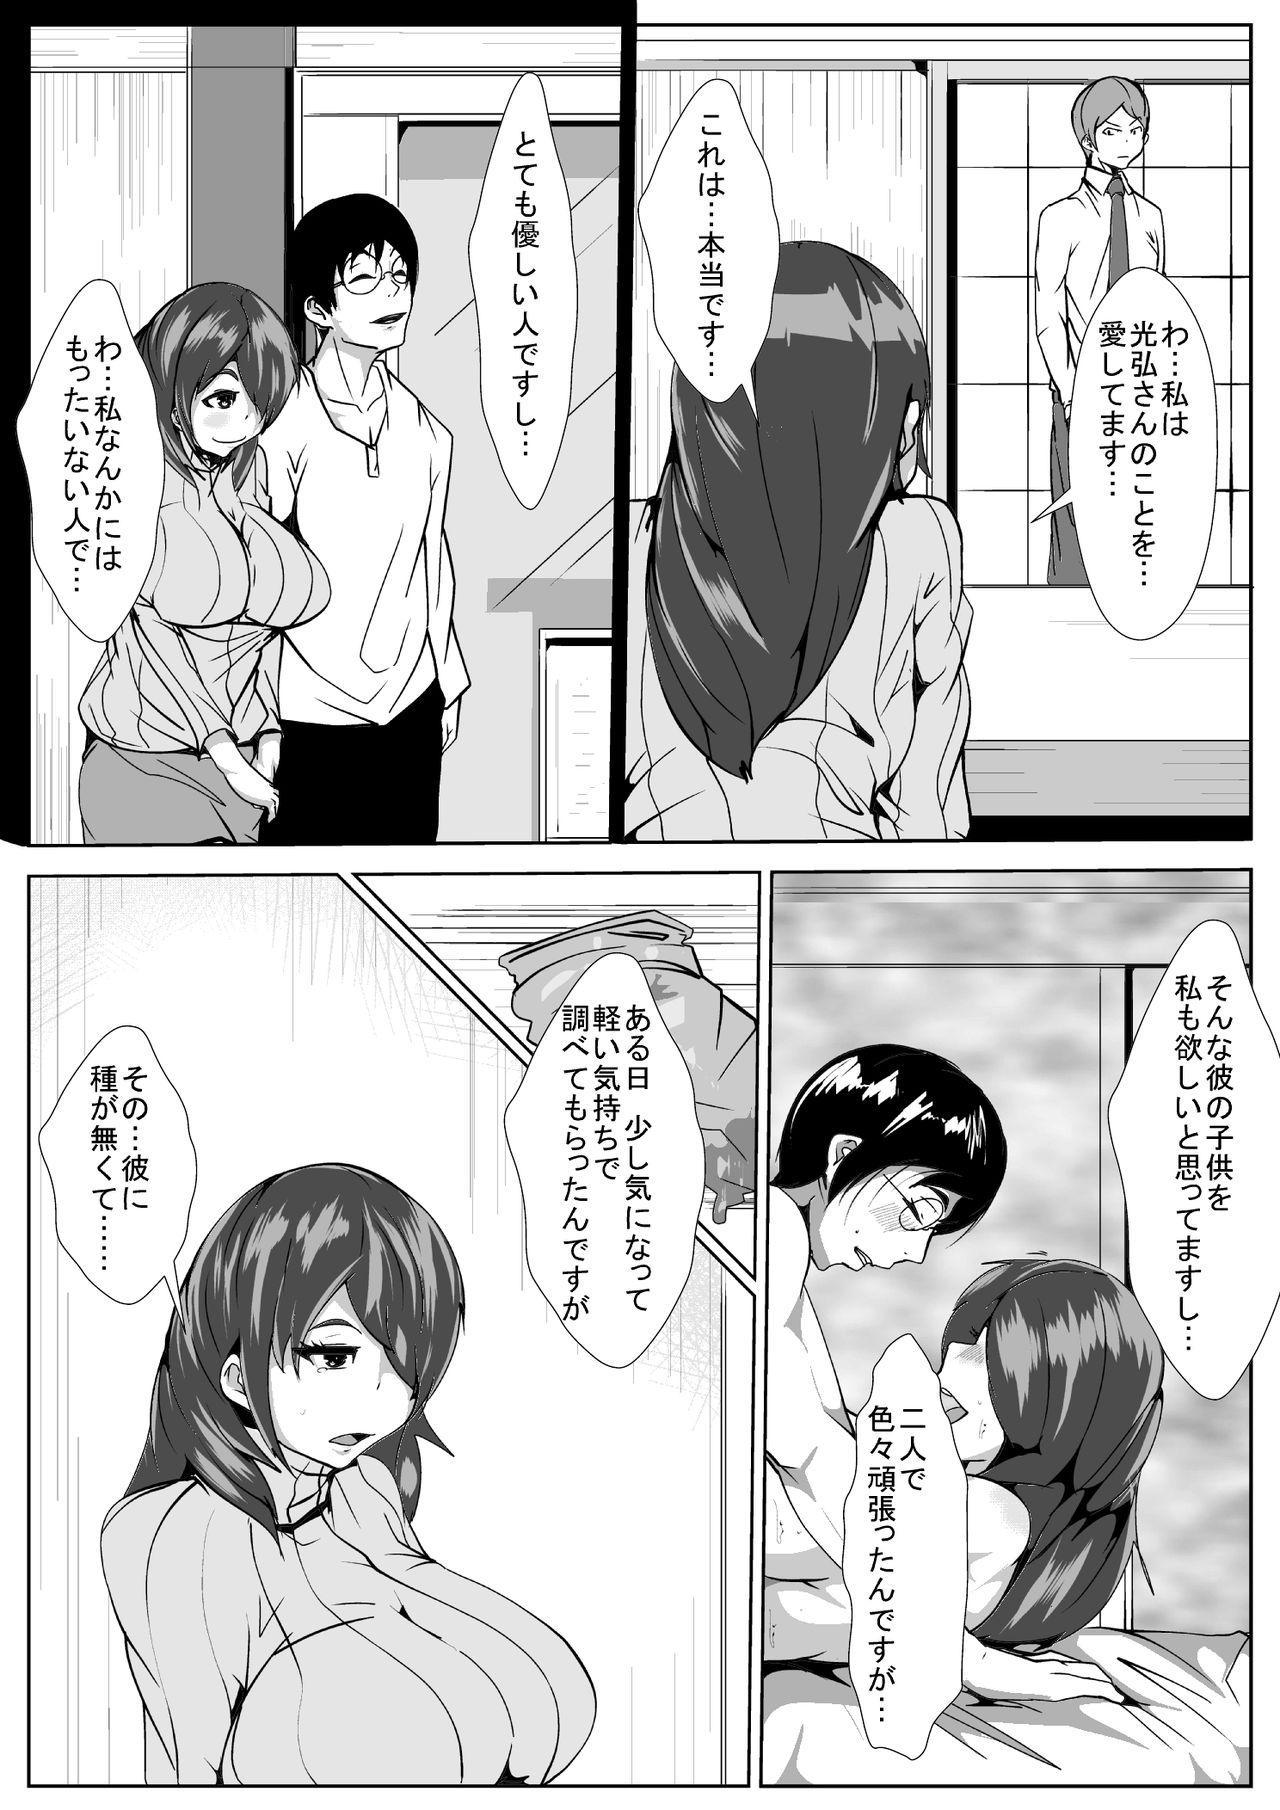 Aniki no Yome o Haramaseru 5